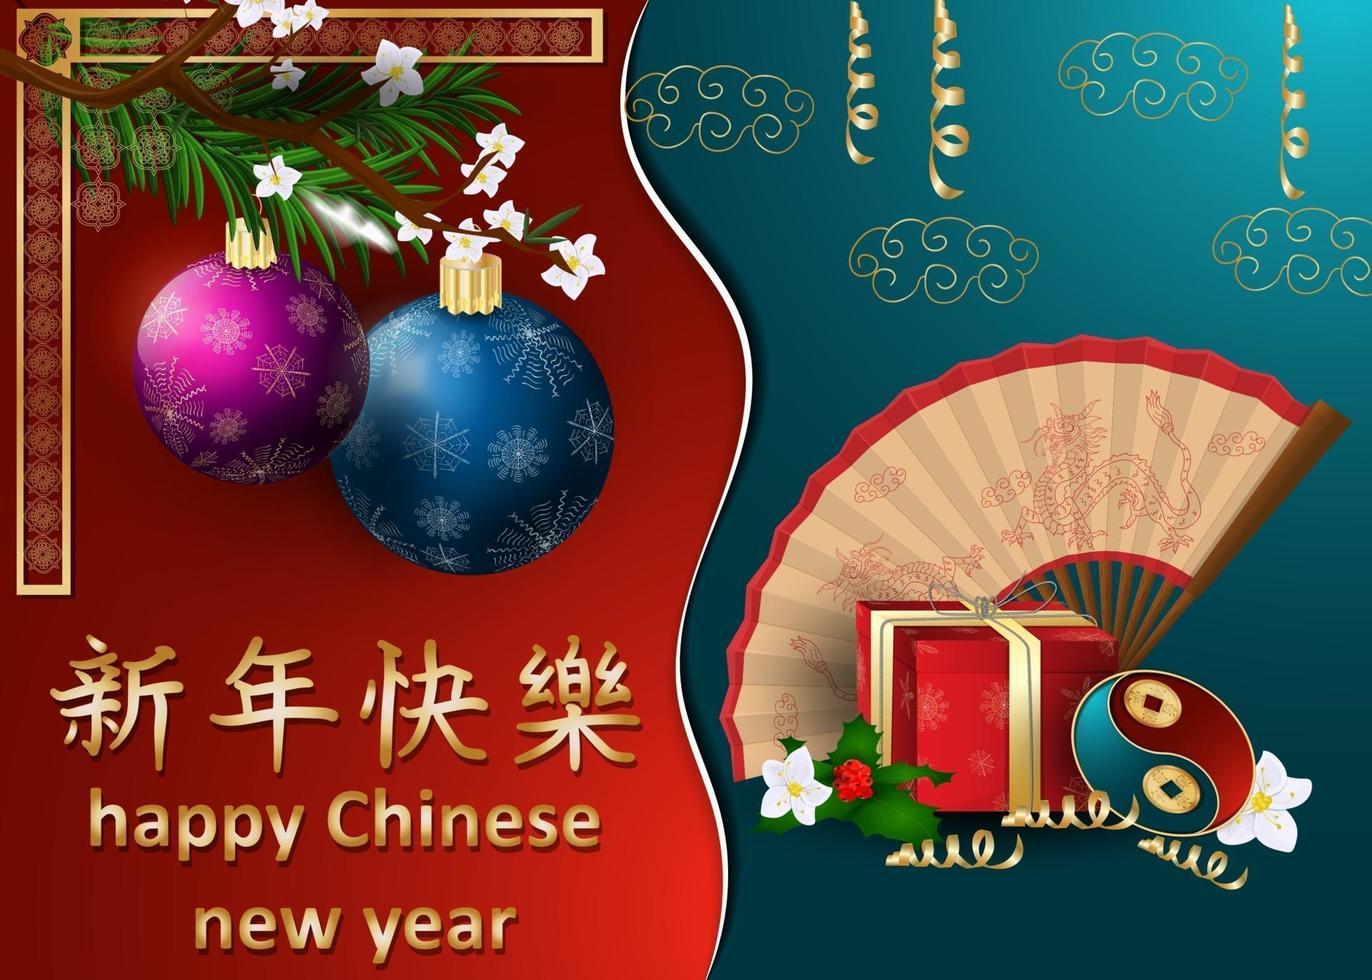 gratulationskortdesign för kinesiskt och europeiskt nytt år vektor